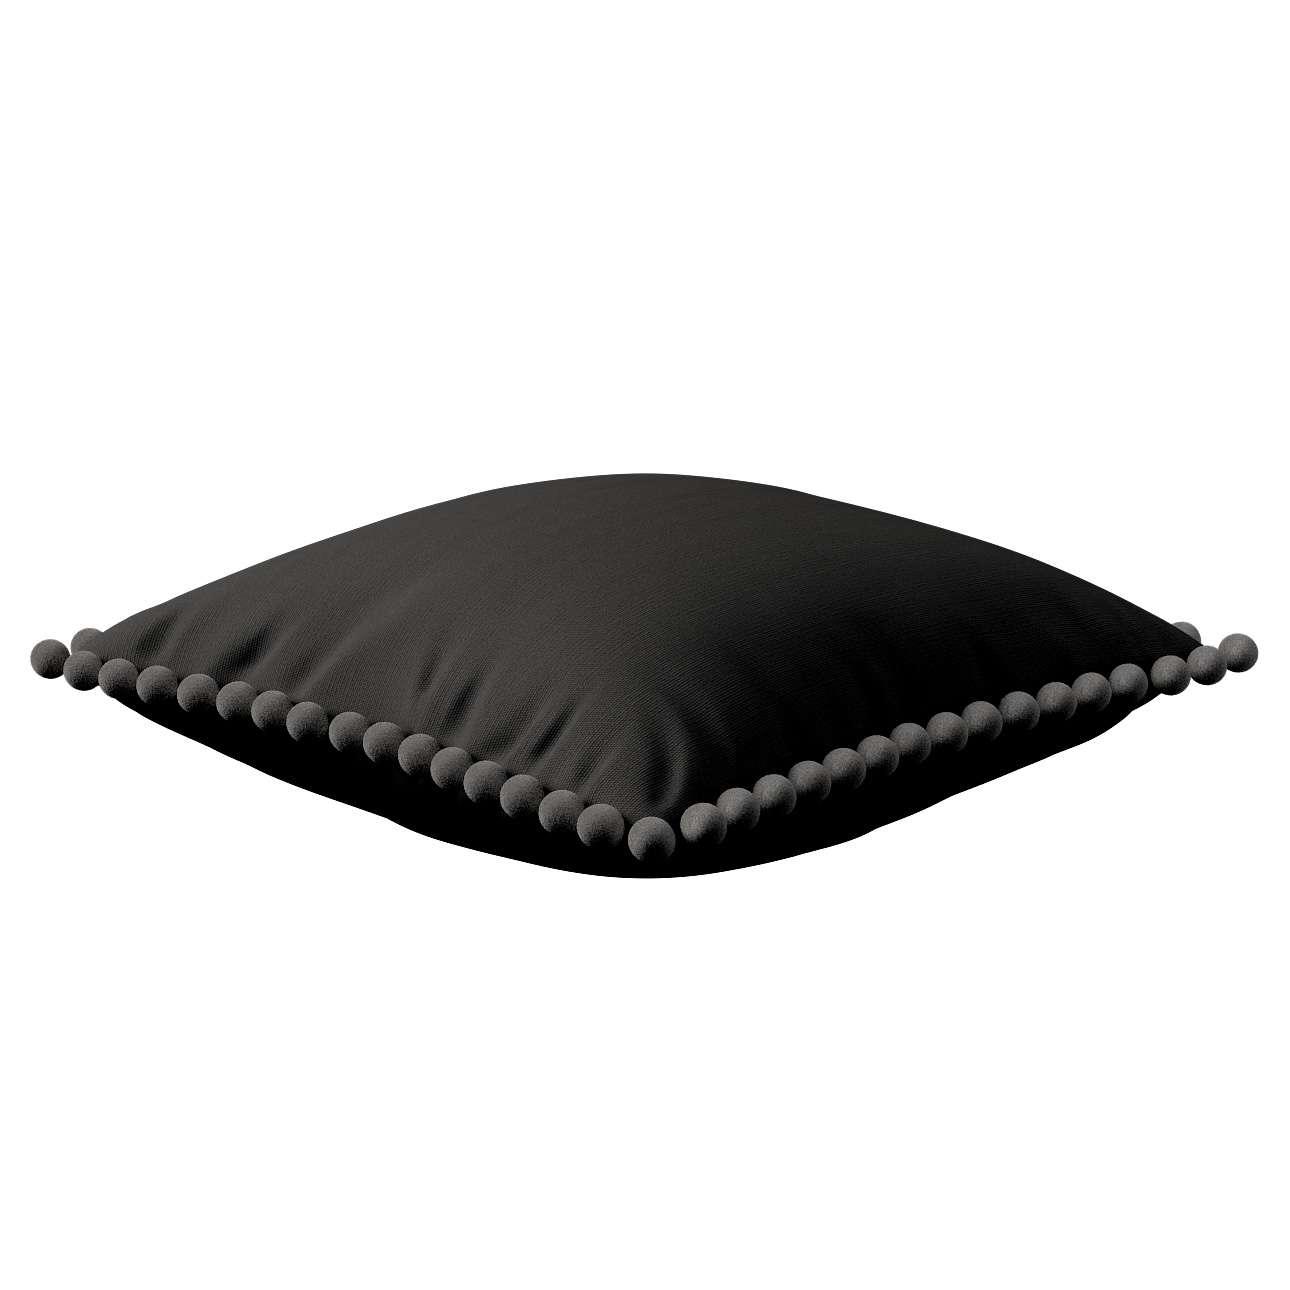 Wera dekoratyvinės pagalvėlės užvalkalas su žaismingais kraštais 45 x 45 cm kolekcijoje Cotton Panama, audinys: 702-08